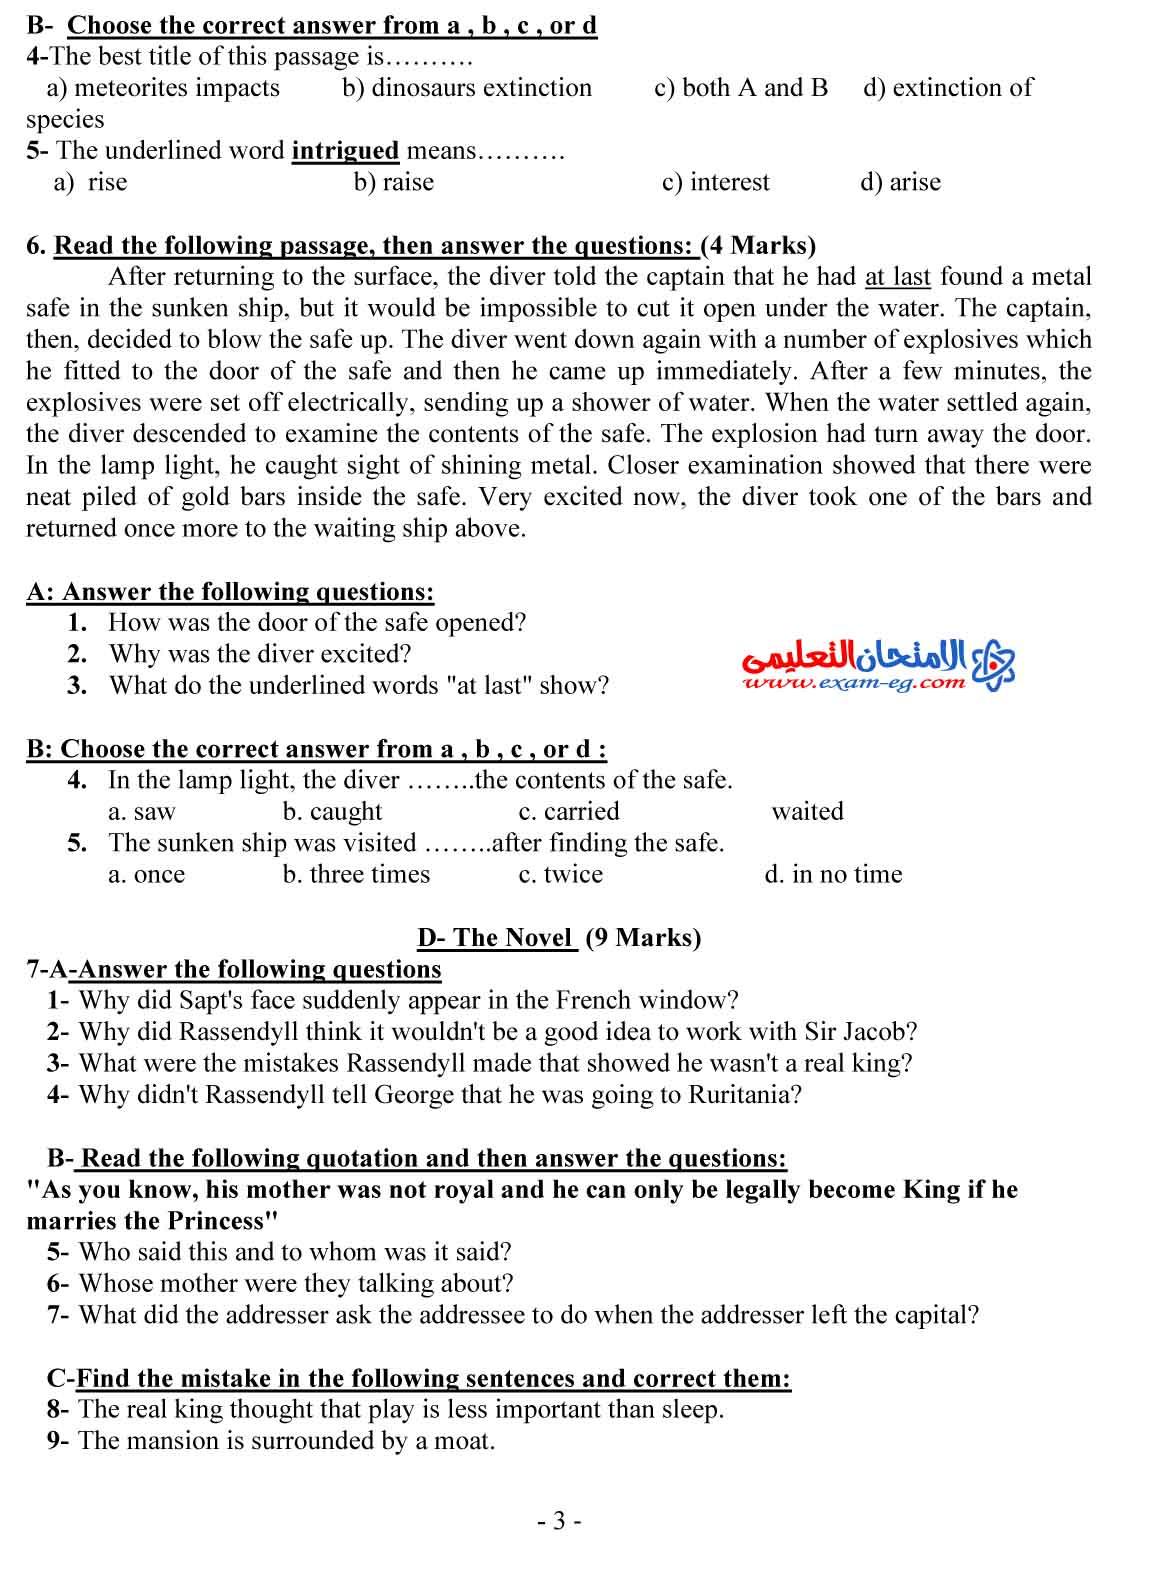 امتحان الوزارة فى اللغة الانجليزية 2